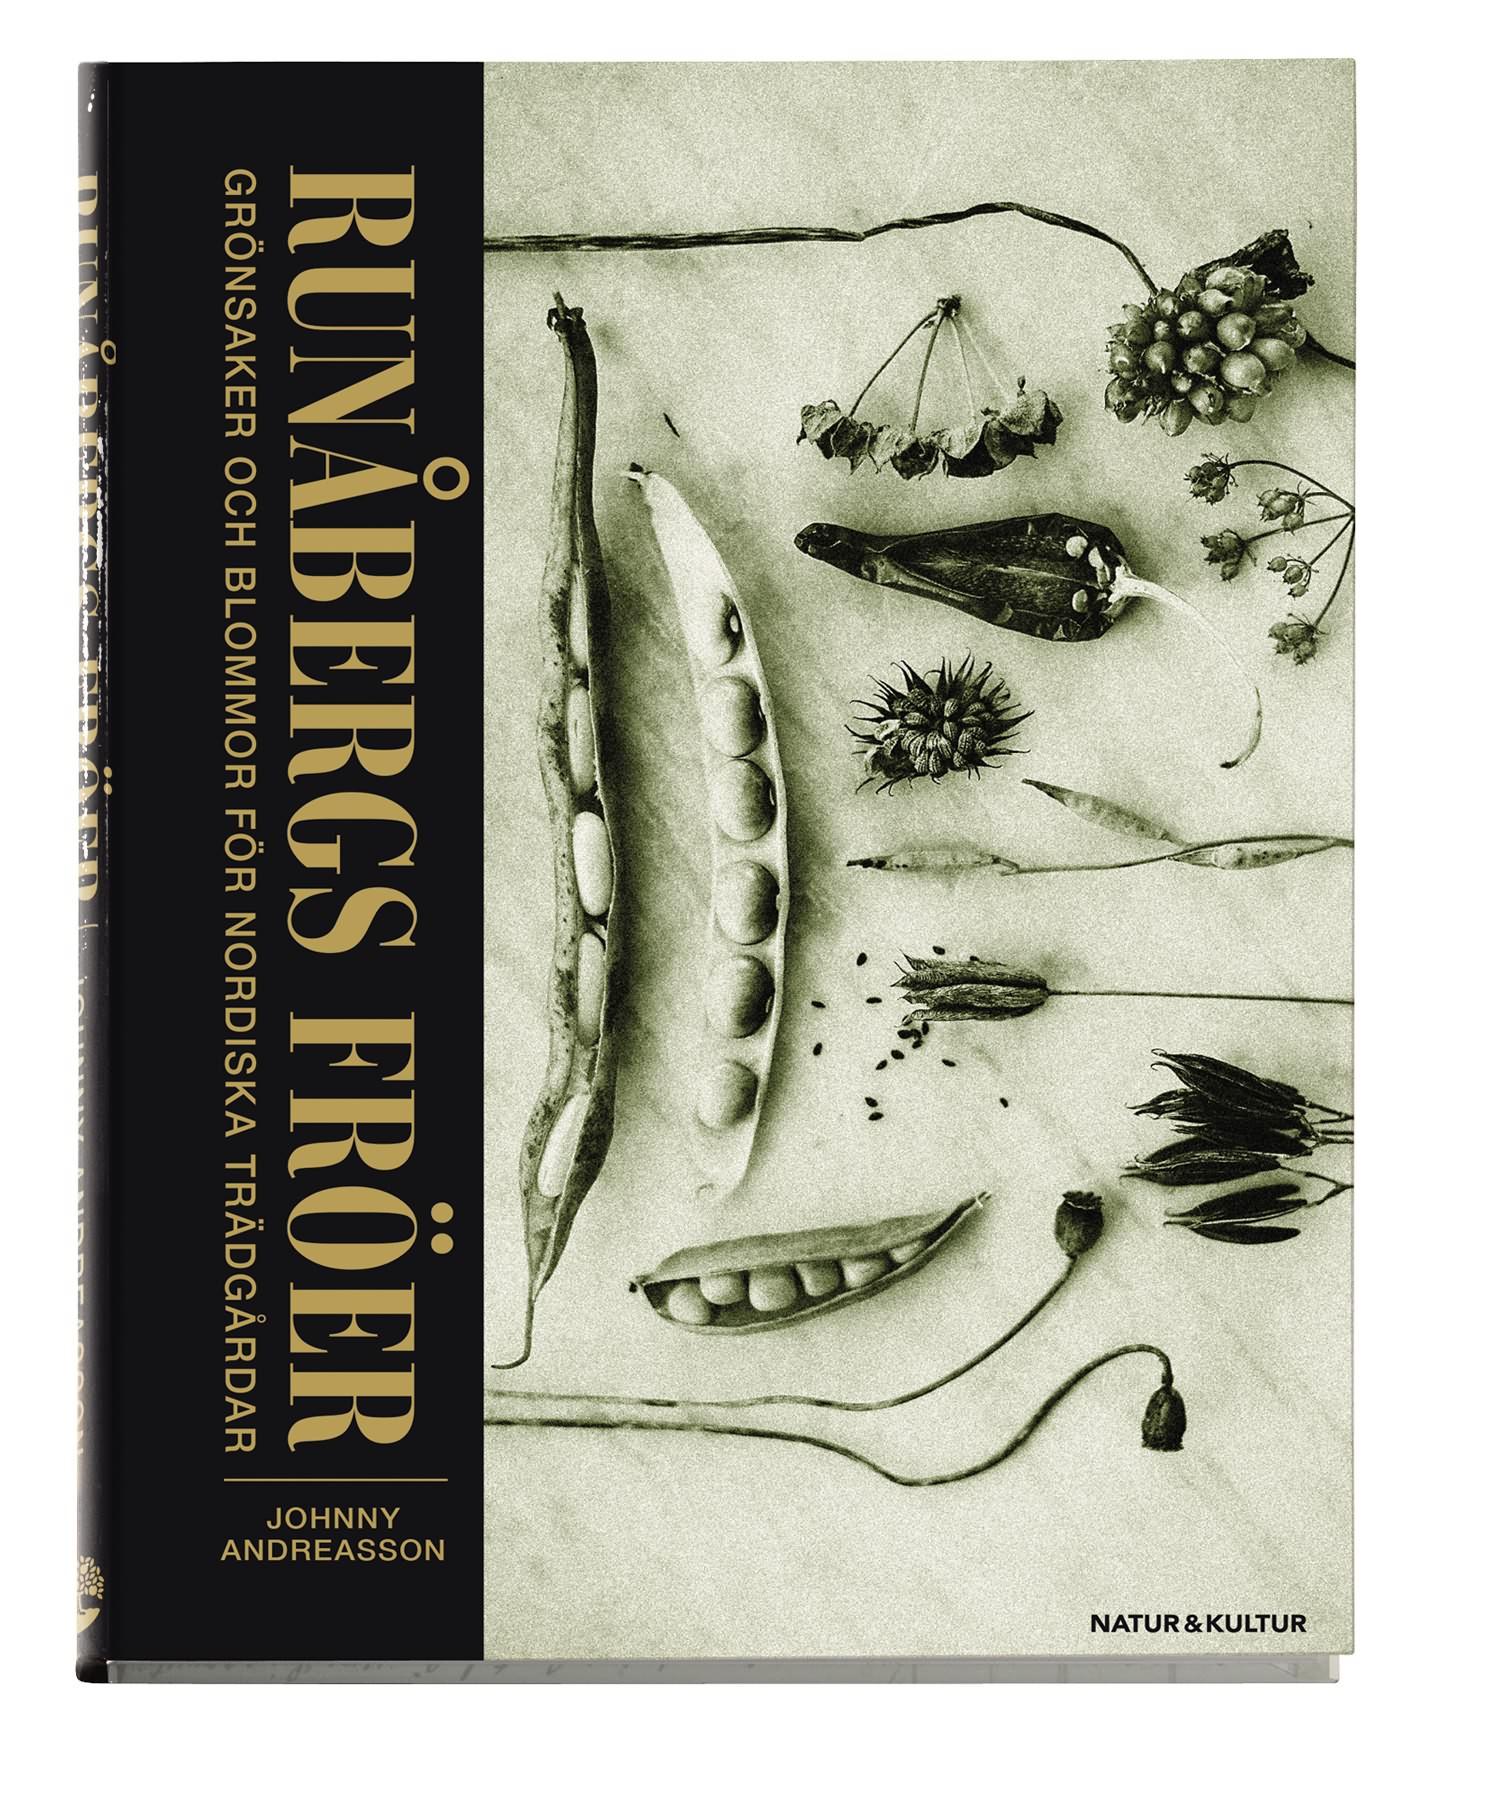 Boken om Runåbergs fröer skriven av Johnny Andreasson (Natur& Kultur) bilden är publicerad med tillstånd från förlaget. Illustrationer av Katy Kimbell.